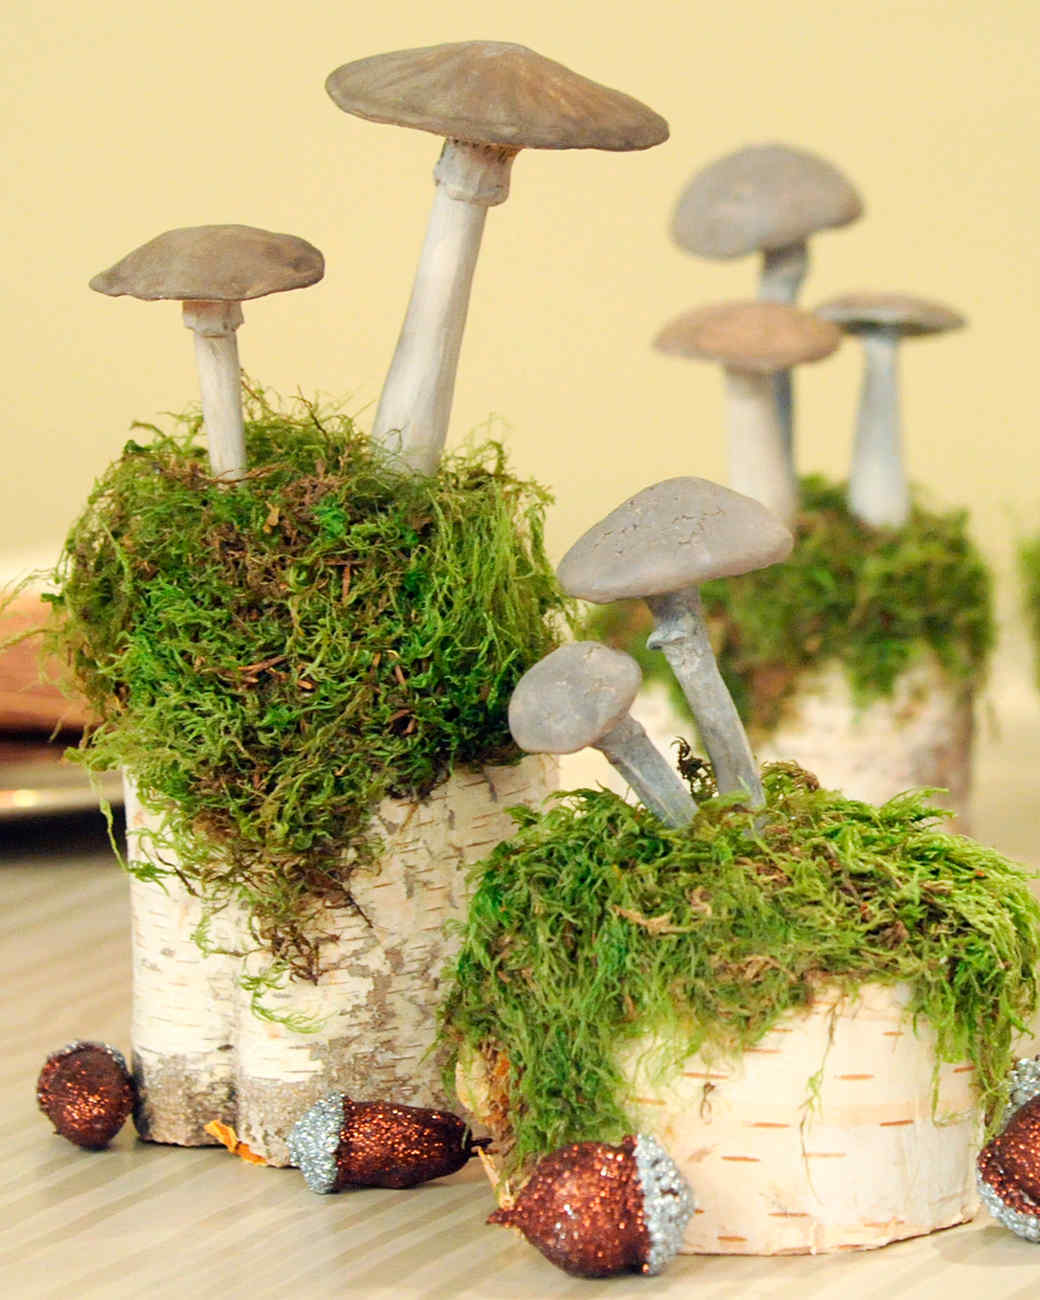 clay-mushrooms-mslb7039.jpg